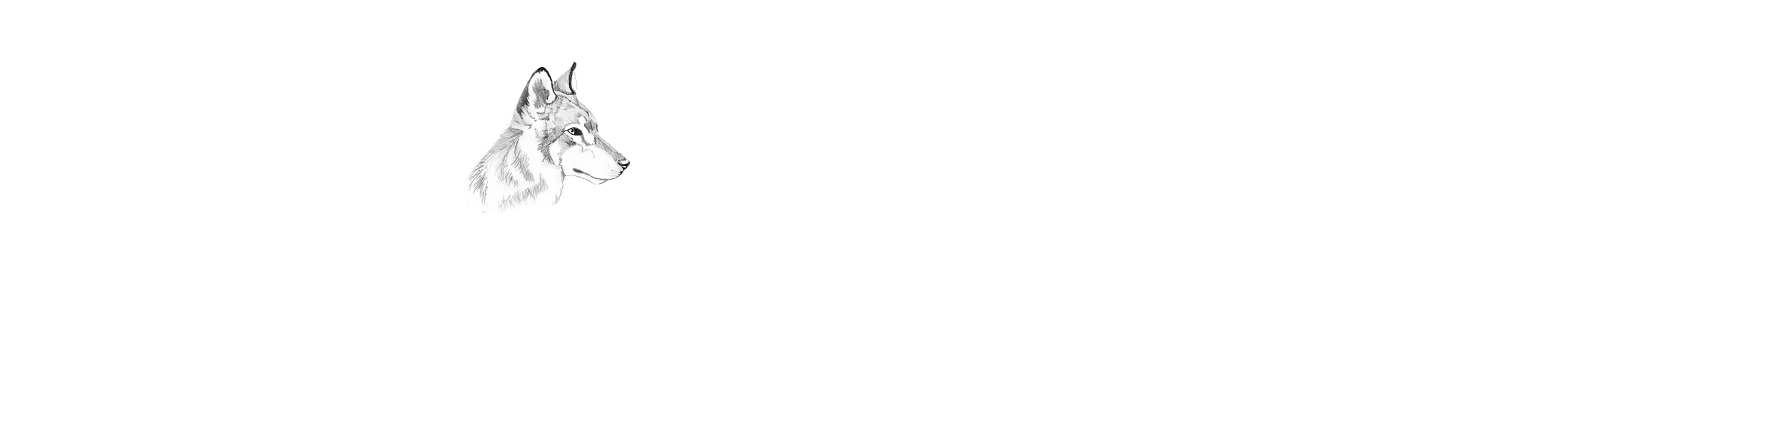 Alegria Tamaskan